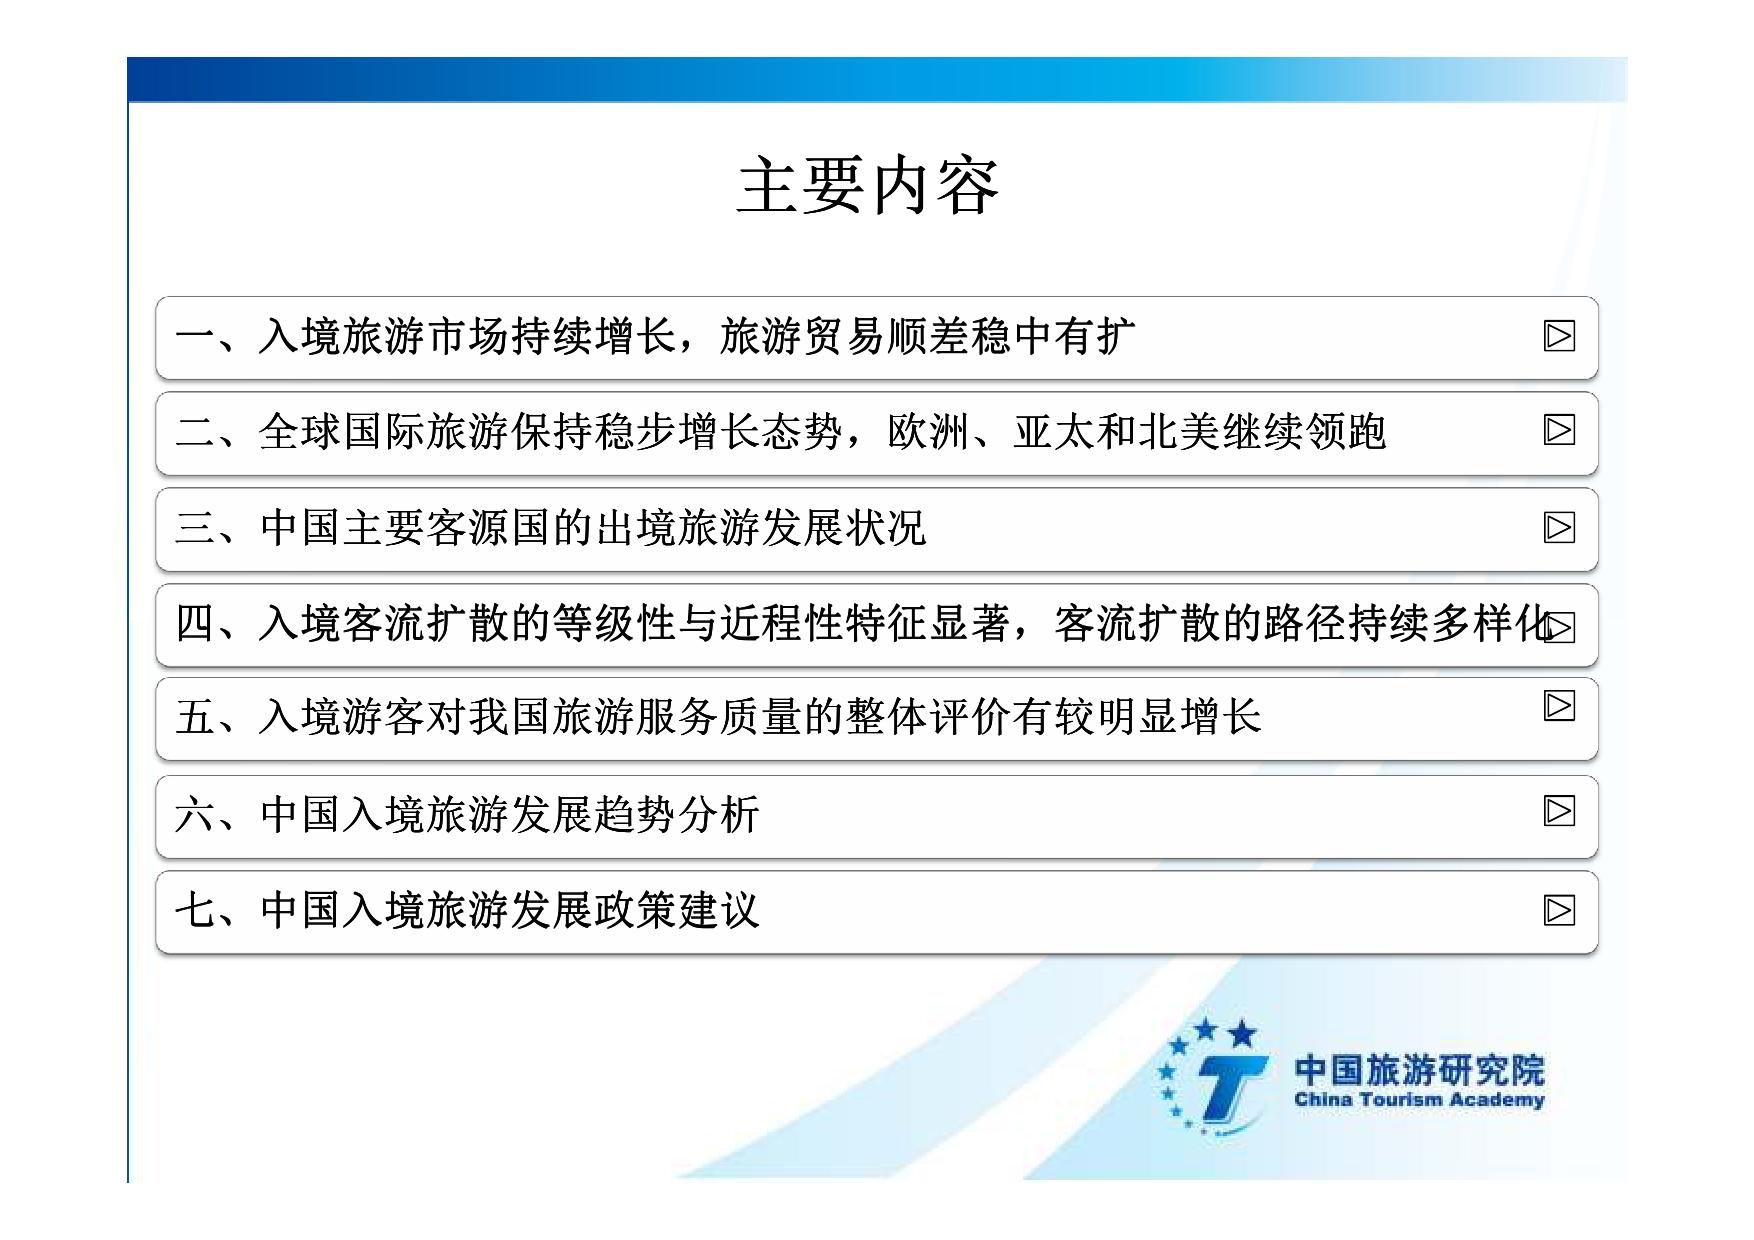 2016中国入境旅游发展年度报告_000002